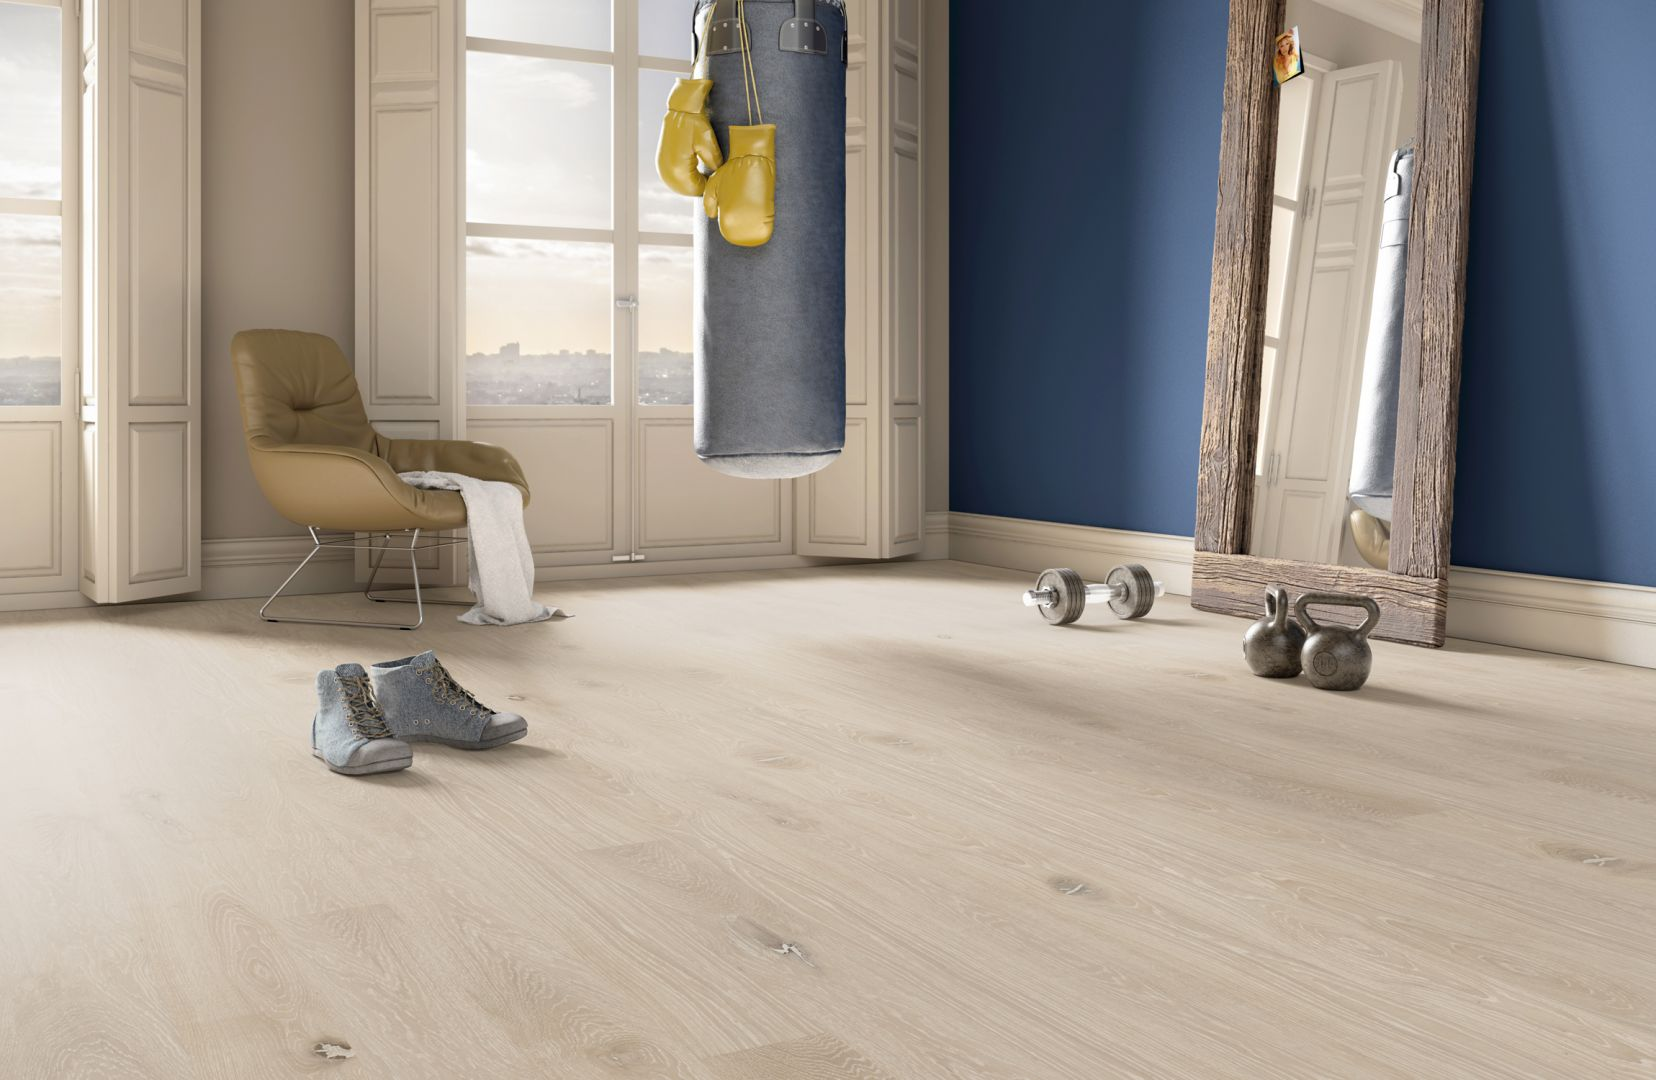 Dobrą bazą do aranżacji ton w ton jest podłoga TWO_4HIM z kolekcji Jeans Collection by Baltic Wood. Jej szczotkowaną powierzchnię pokrywa bejca w odcieniu kości słoniowej, która wnika w pory drewna, połączona z bejcą w kolorze kremowym. Podłoga TWO_4HIM w zestawieniu z meblami oraz dodatkami w kolorze beżu eksponuje minimalizm i elegancję pomieszczenia. Fot. Baltic Wood